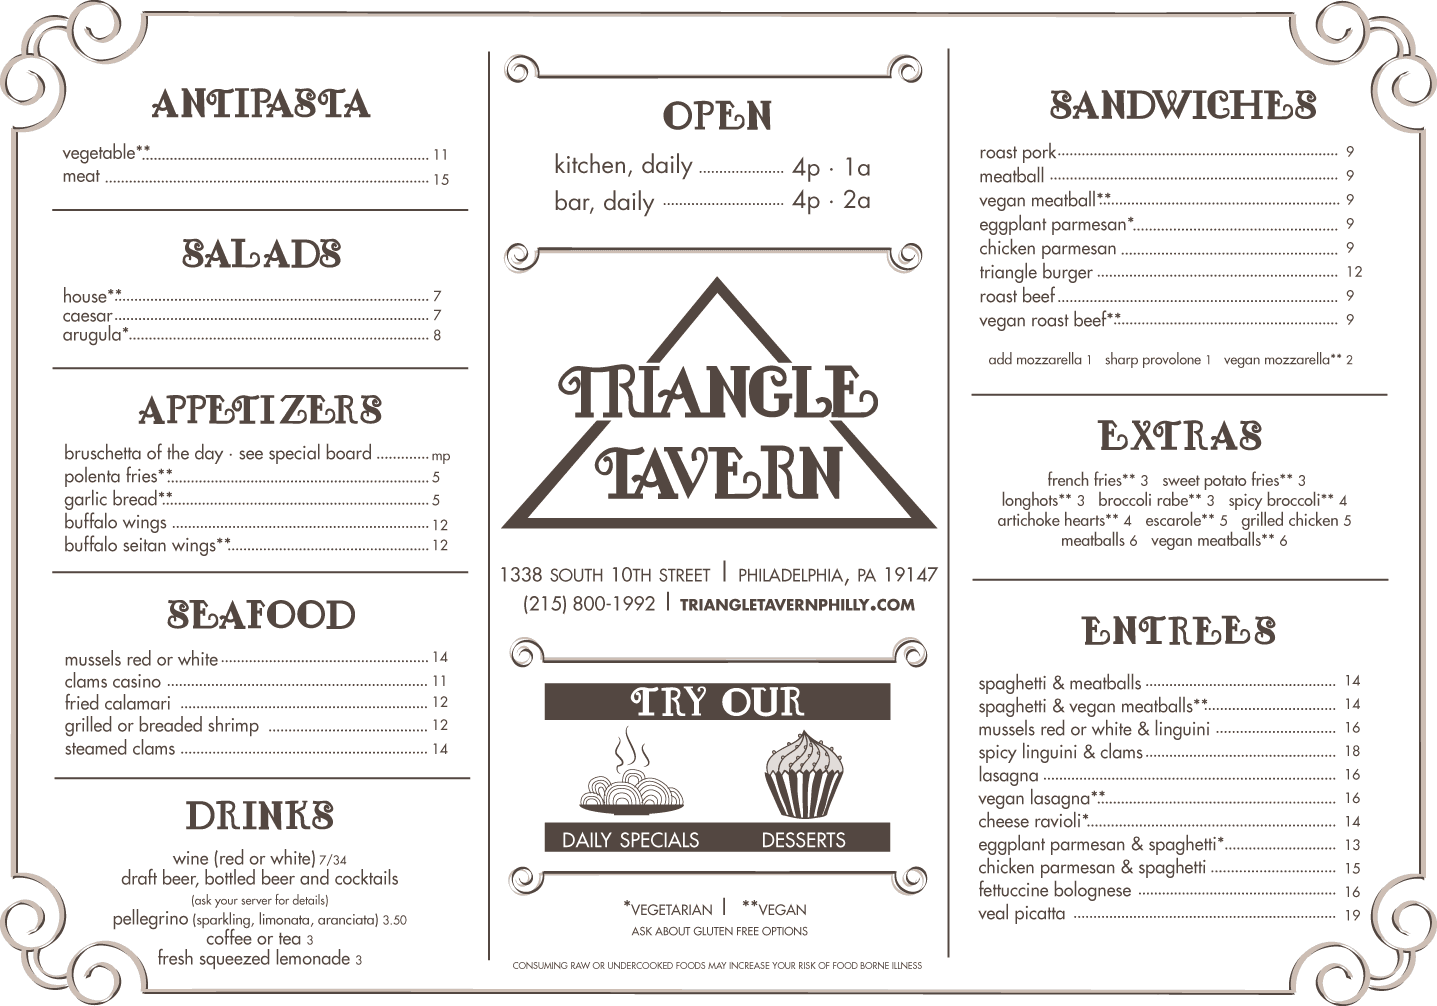 triangle-tavern-Placemat-Menu